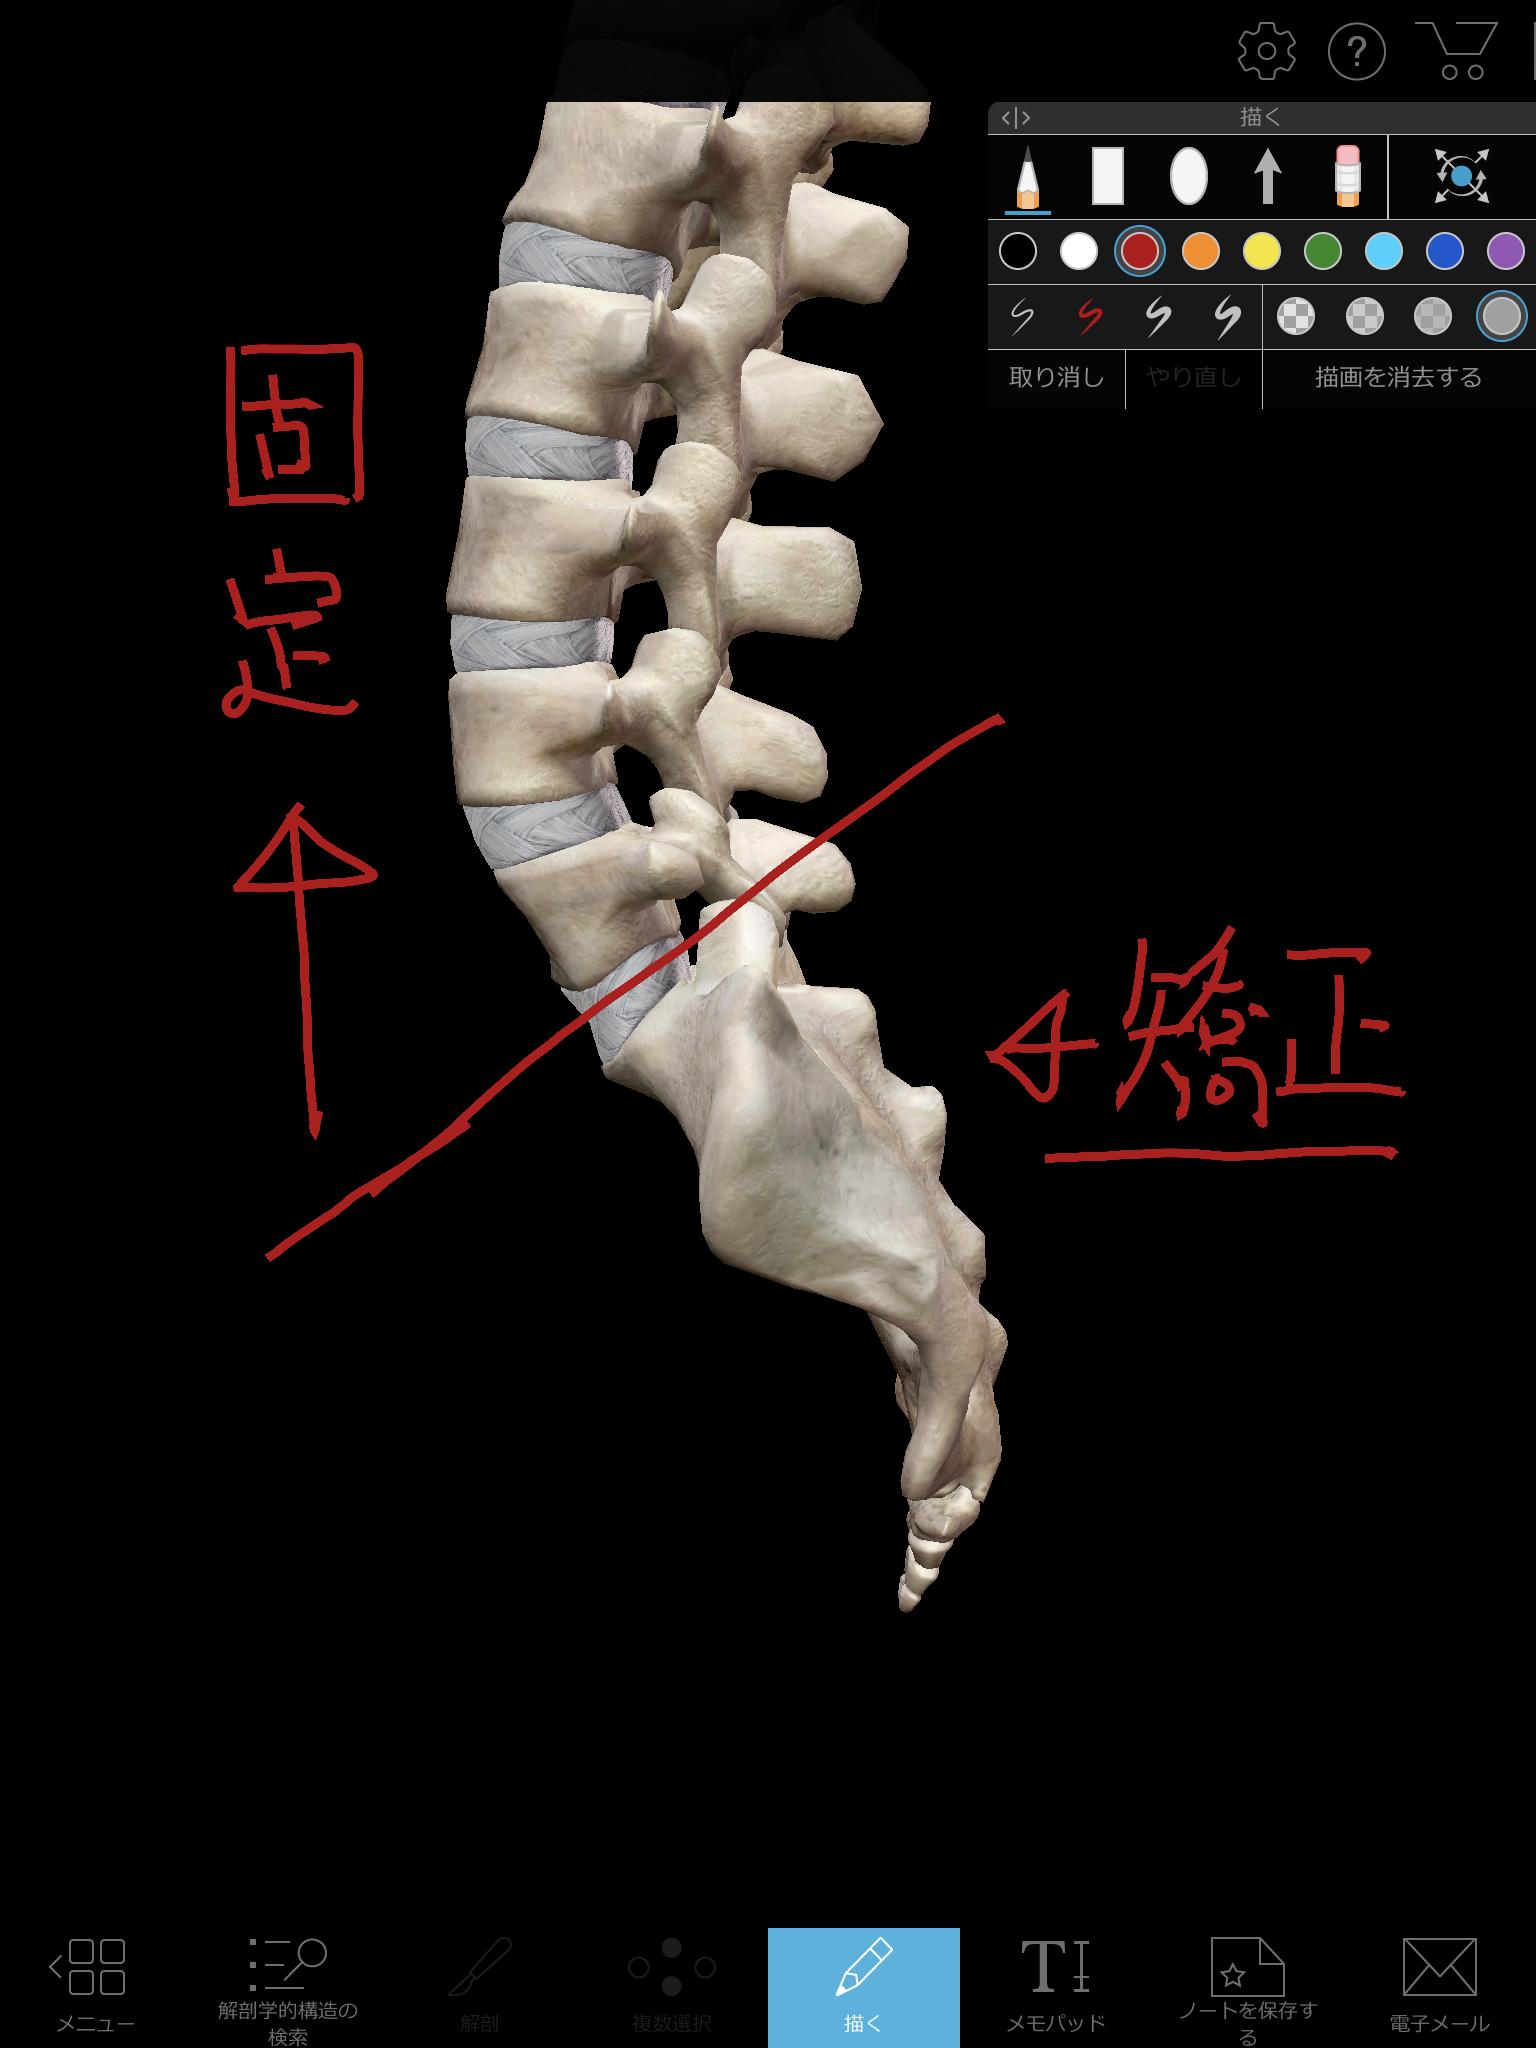 仙骨を矯正する際のイメージ図